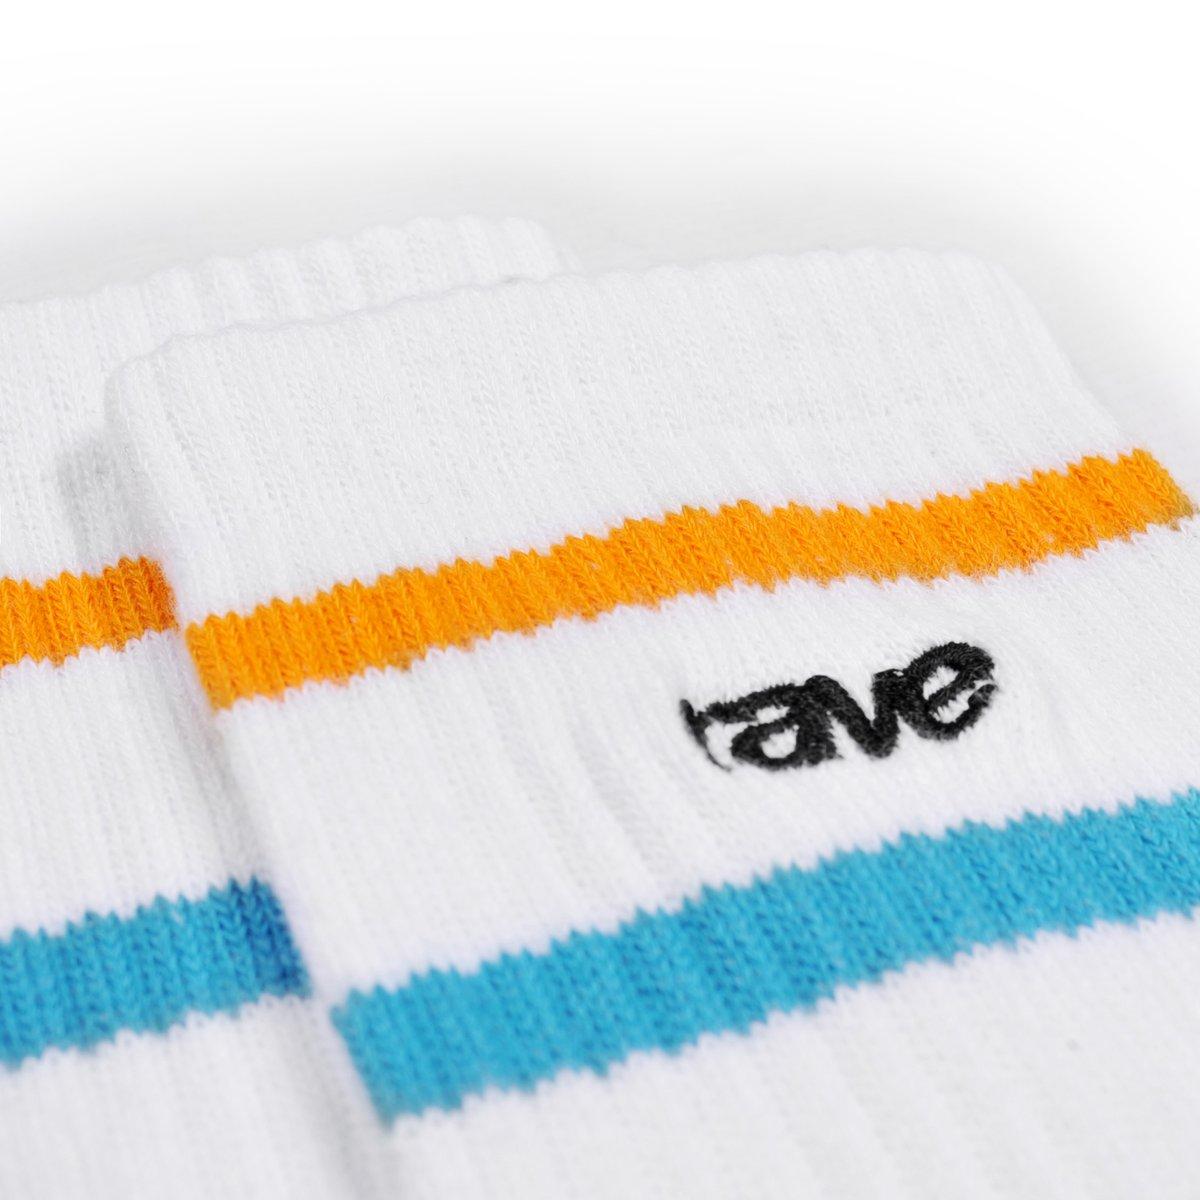 【RAVE SKATEBOARDS/レイブスケートボード】RAVE LOGO SOCKS (PACK OF 3 PAIRS) ソックス / WHITE